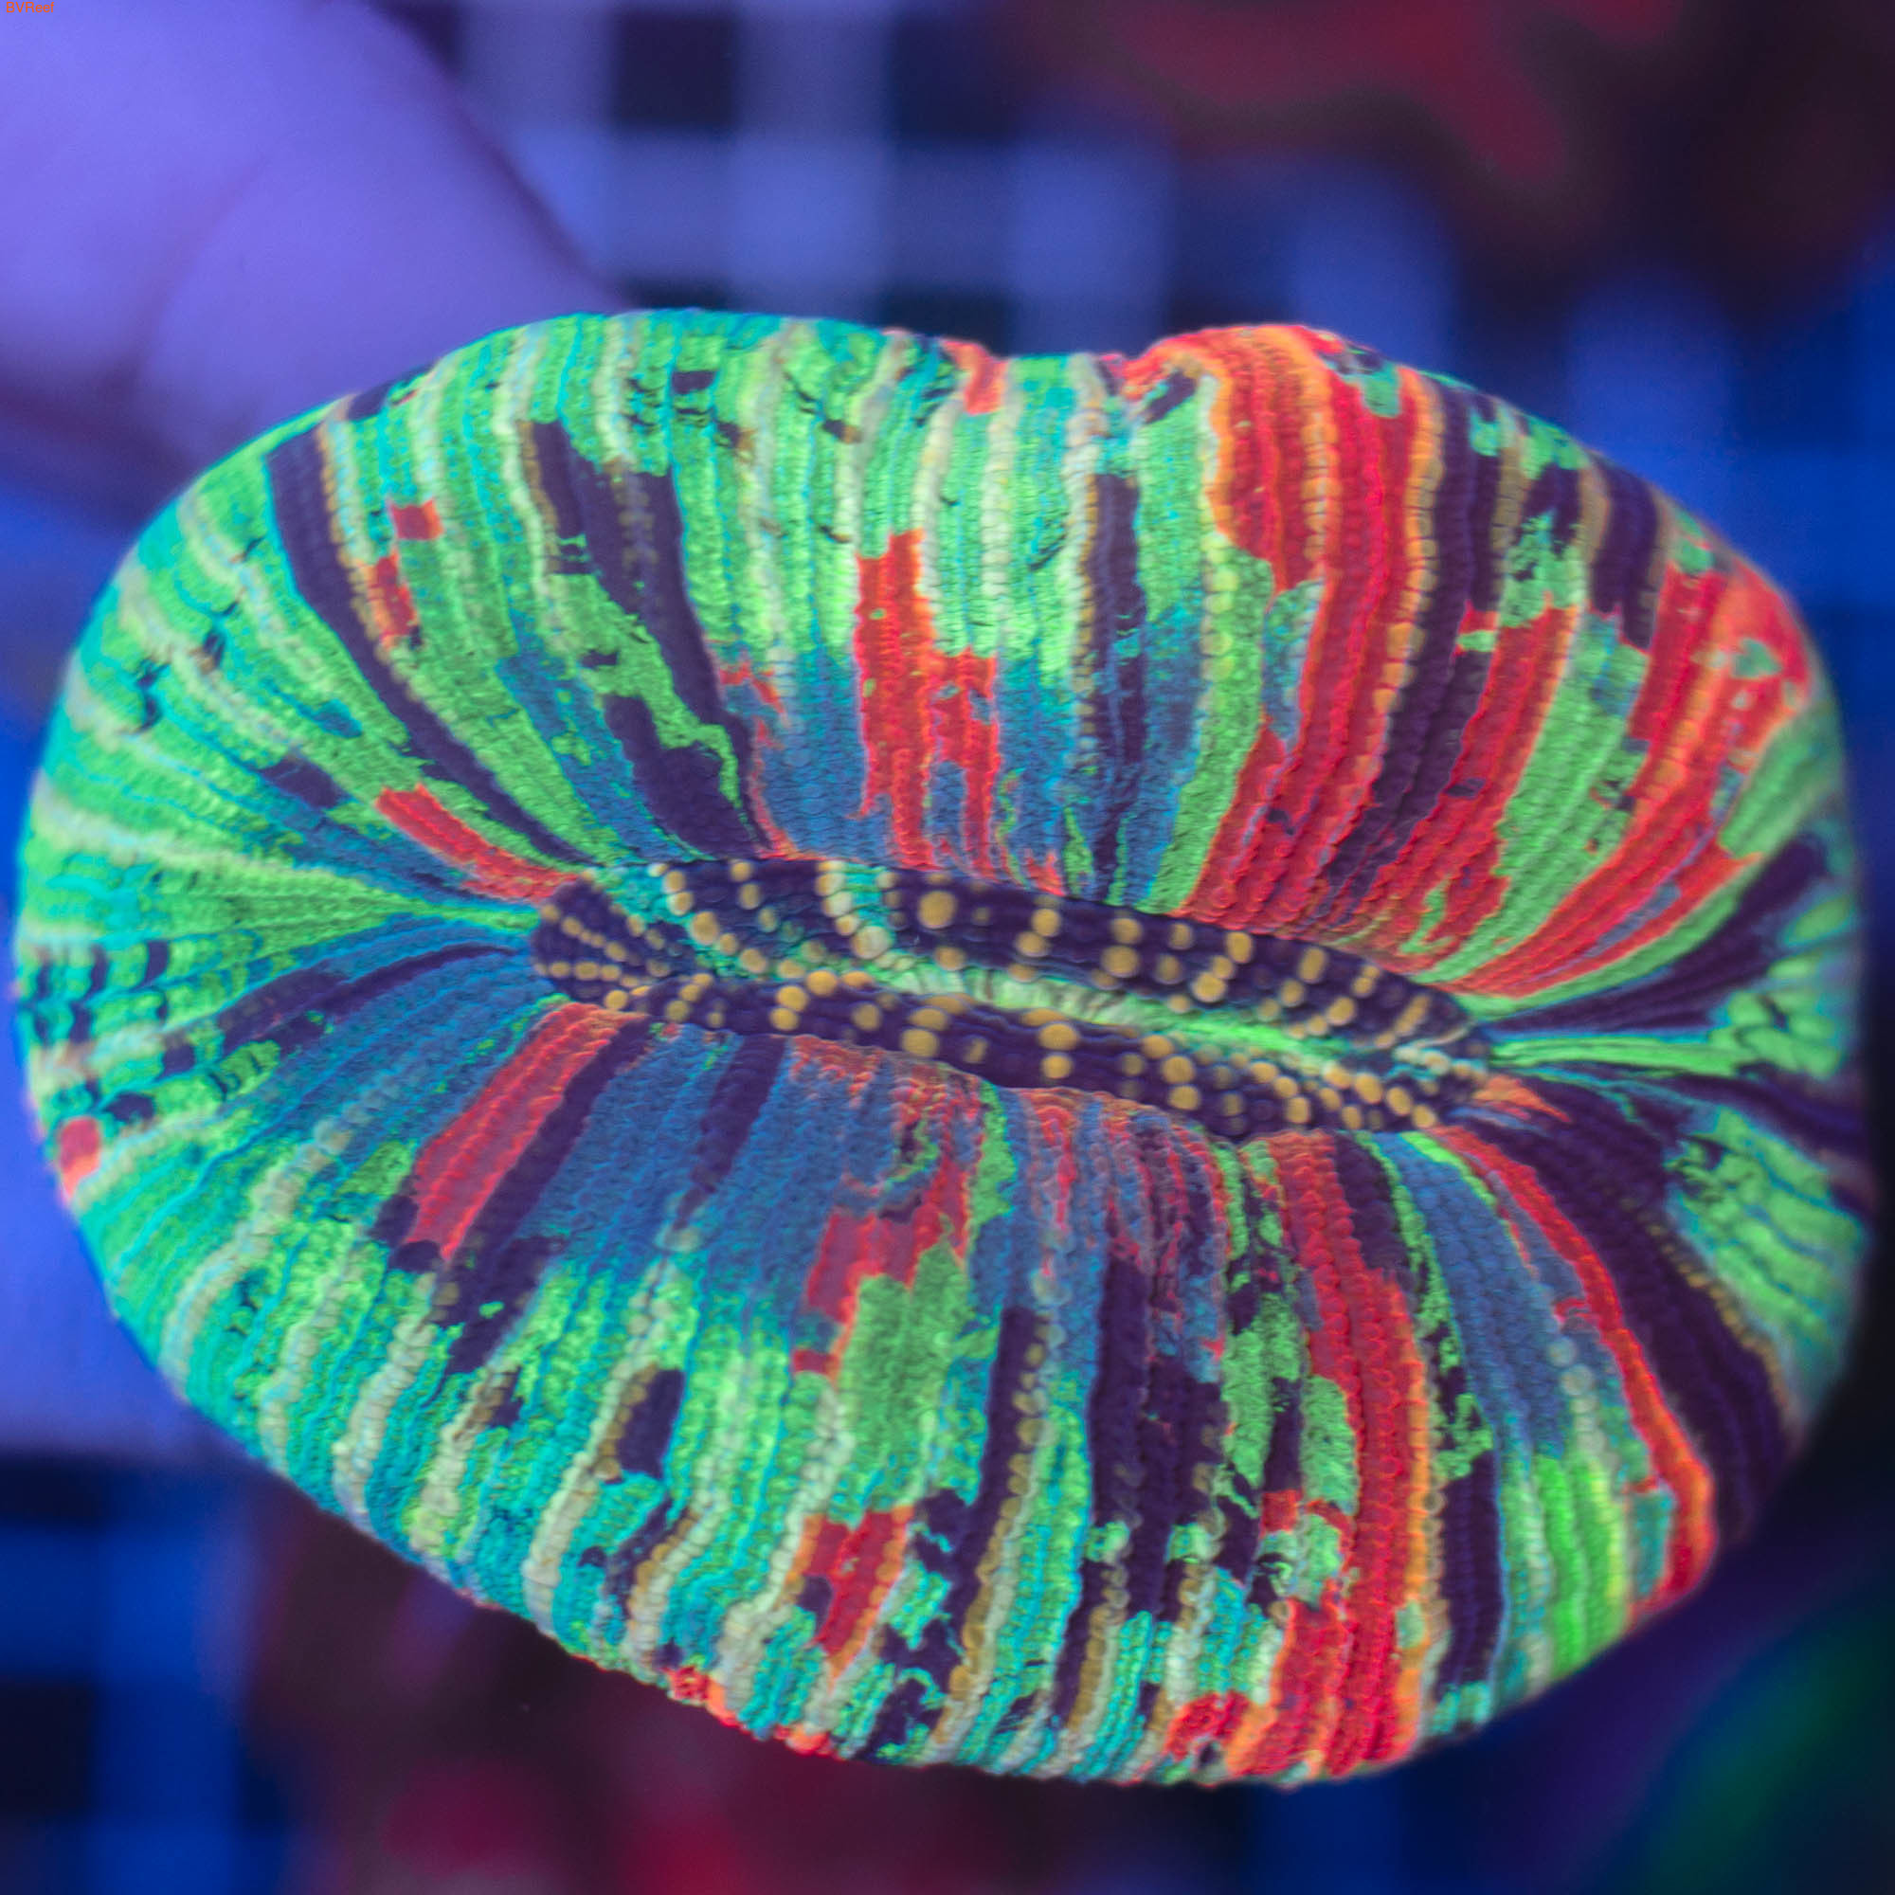 Трахифилия Жофруа Trachyphyllia Geoffroyi (фото)